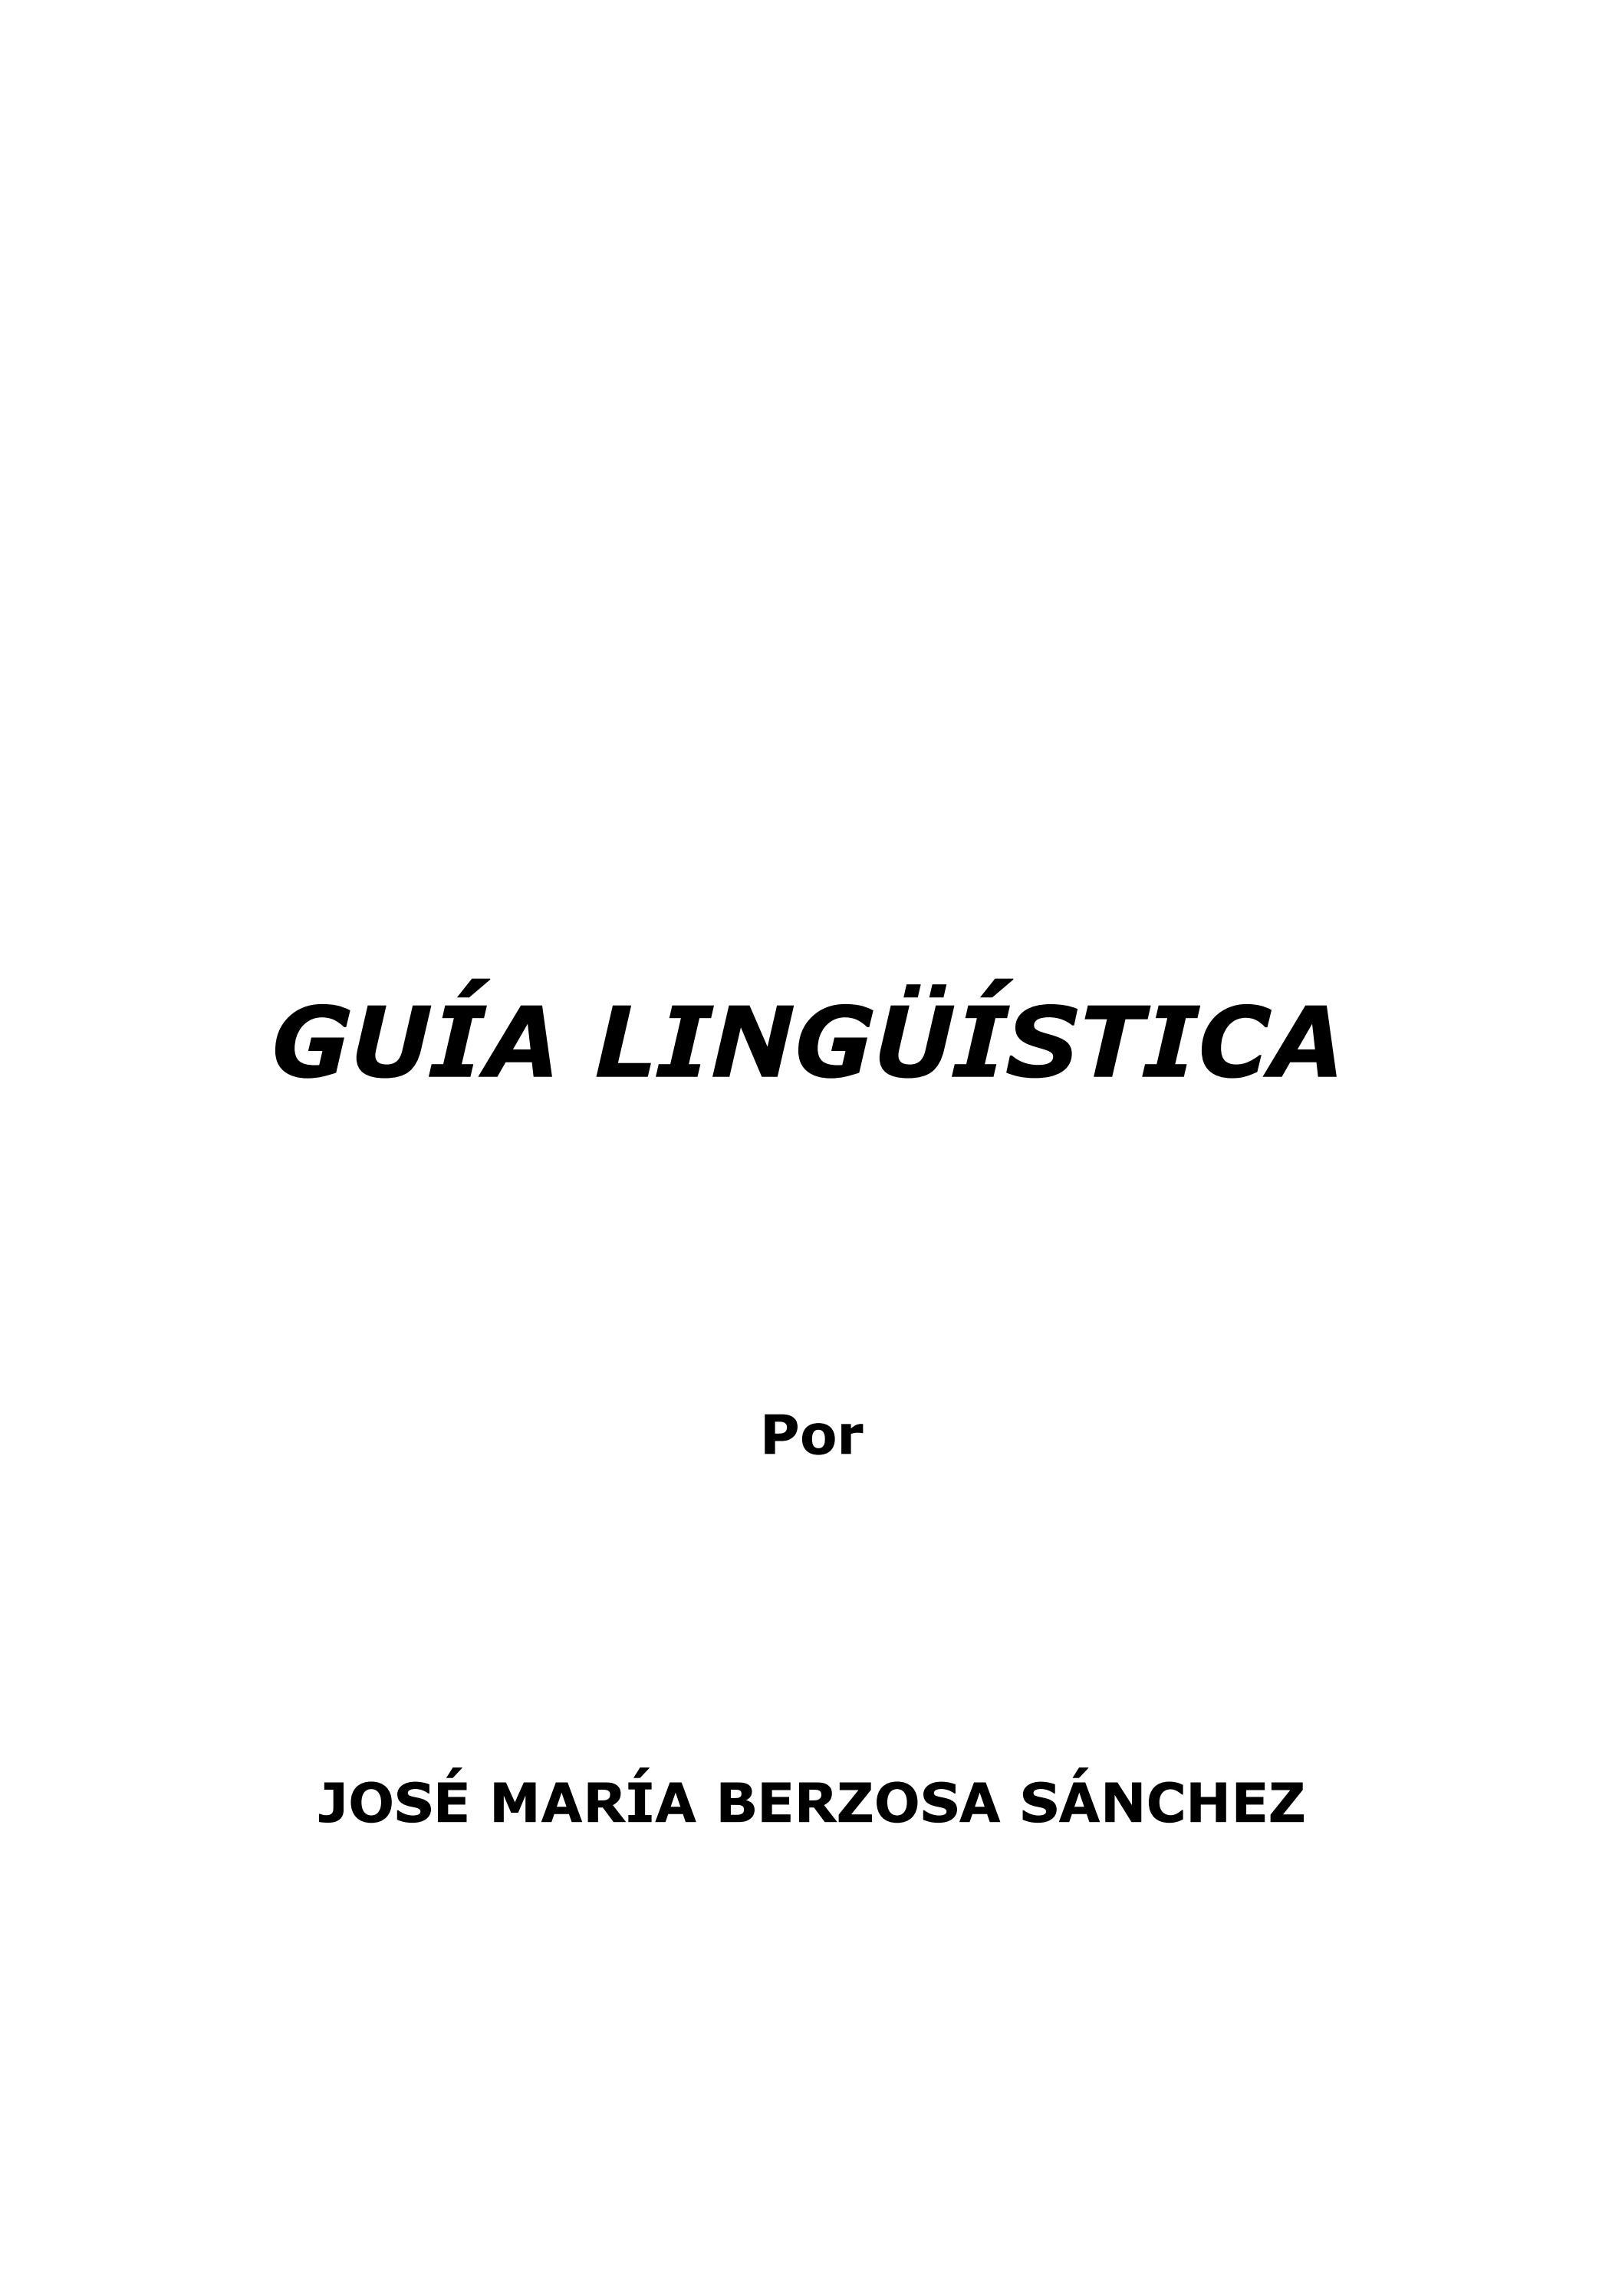 GUÍA LINGÜÍSTICA by Pepe Aranda - issuu 1ff5c3db8001a